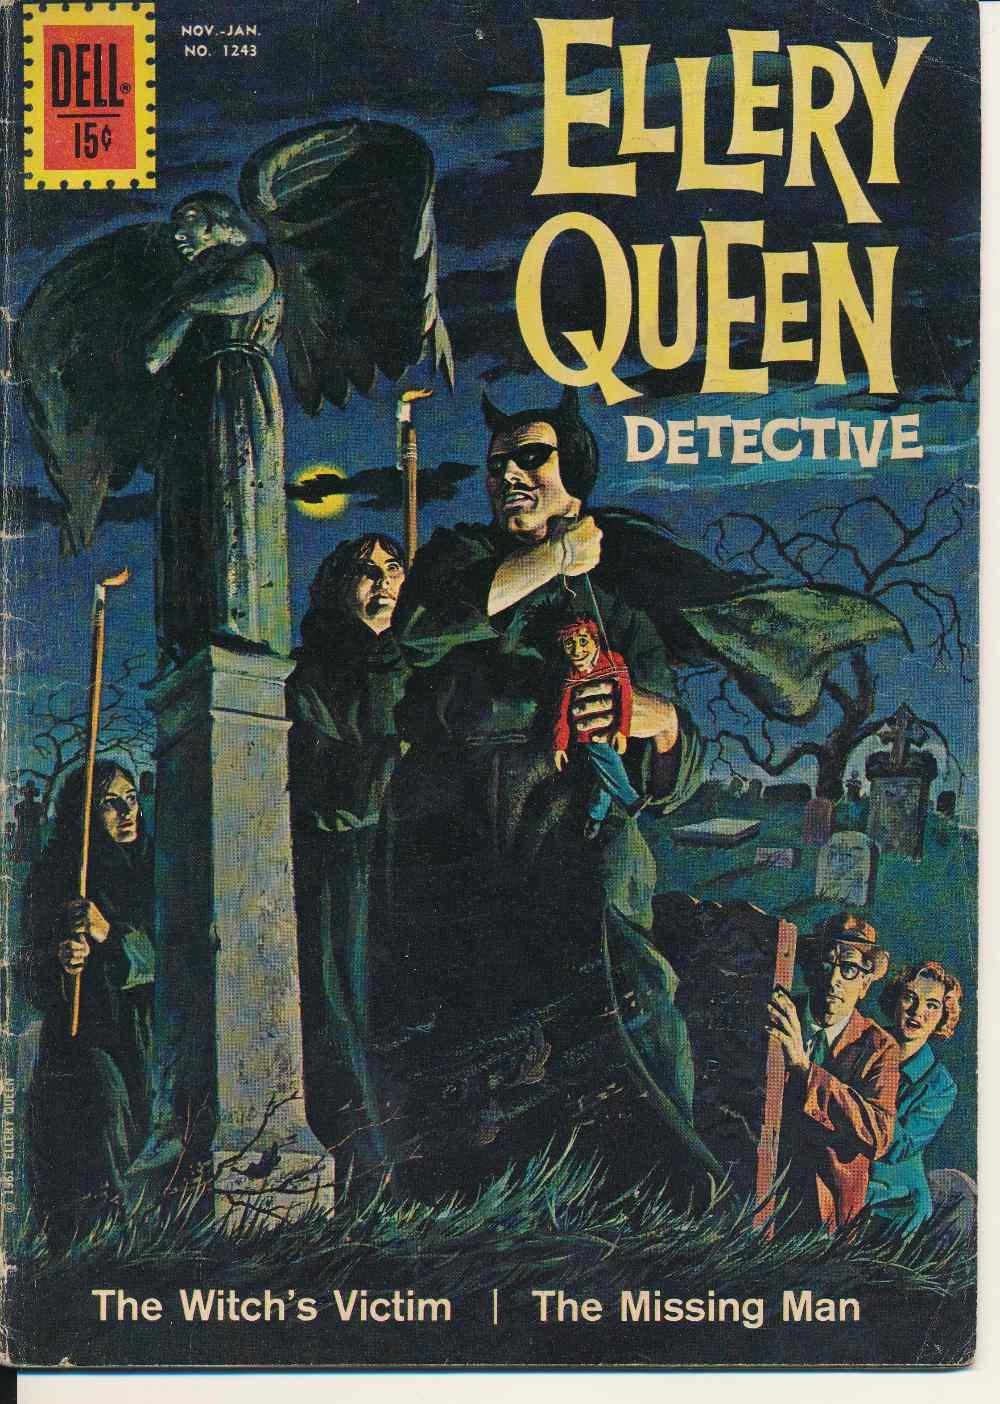 Ellery Queen Detective